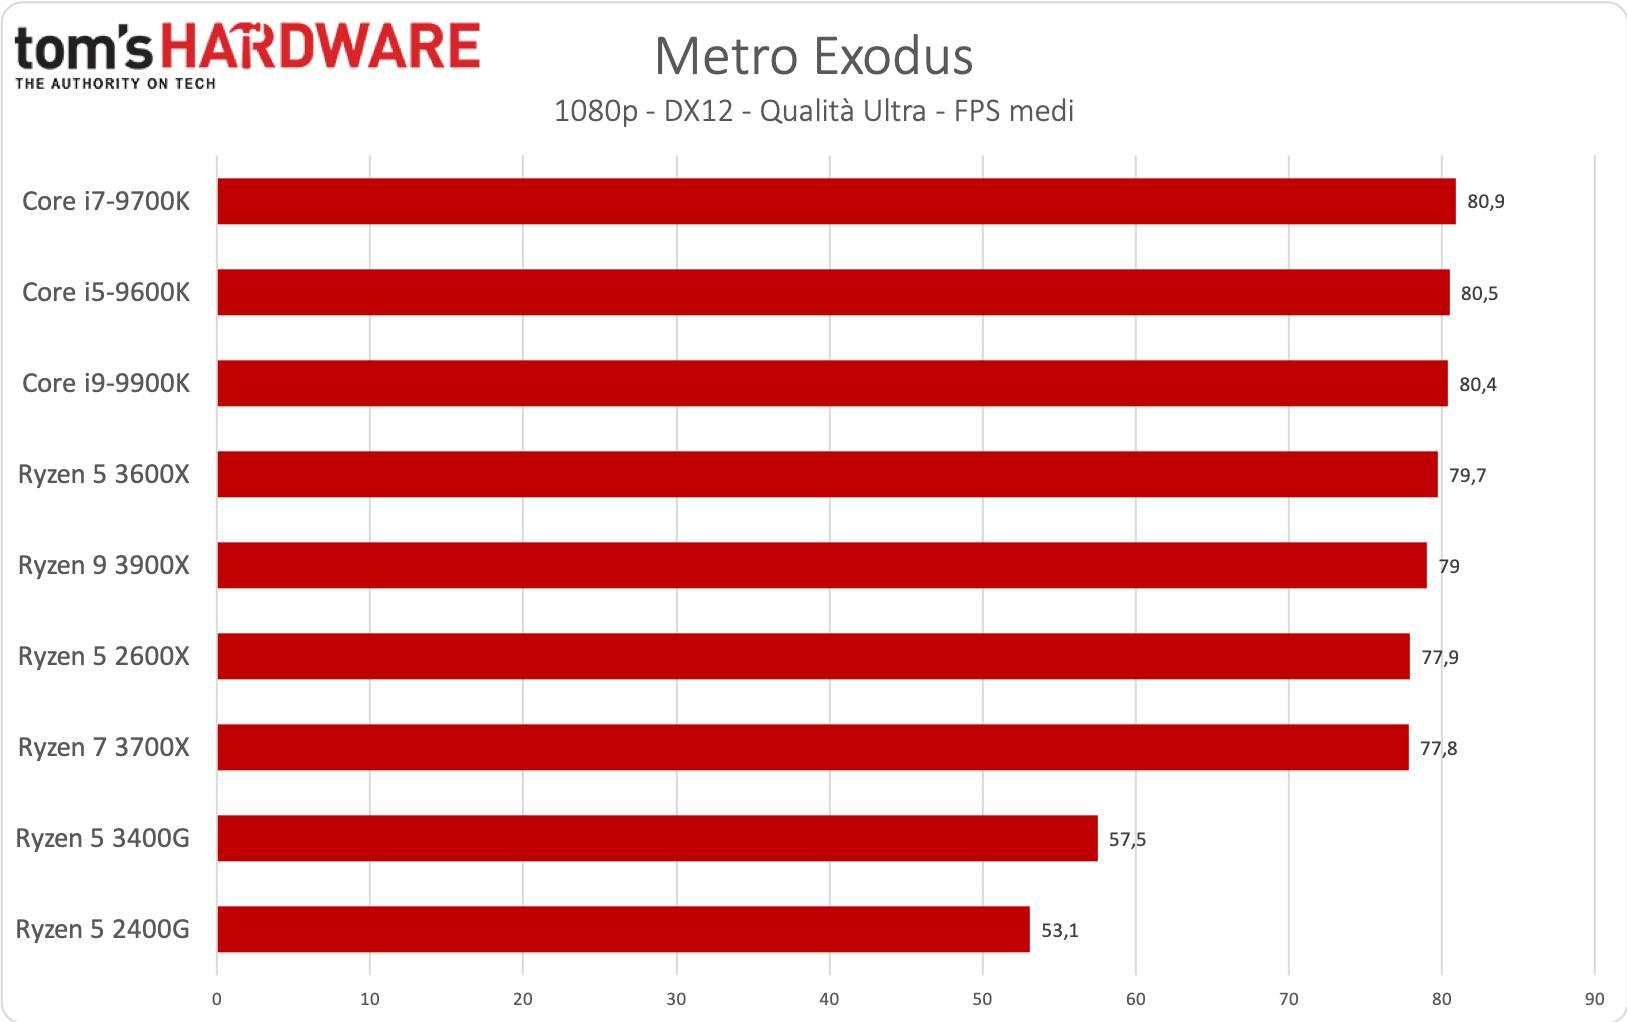 Ryzen 5 3400G - Metro Exodus